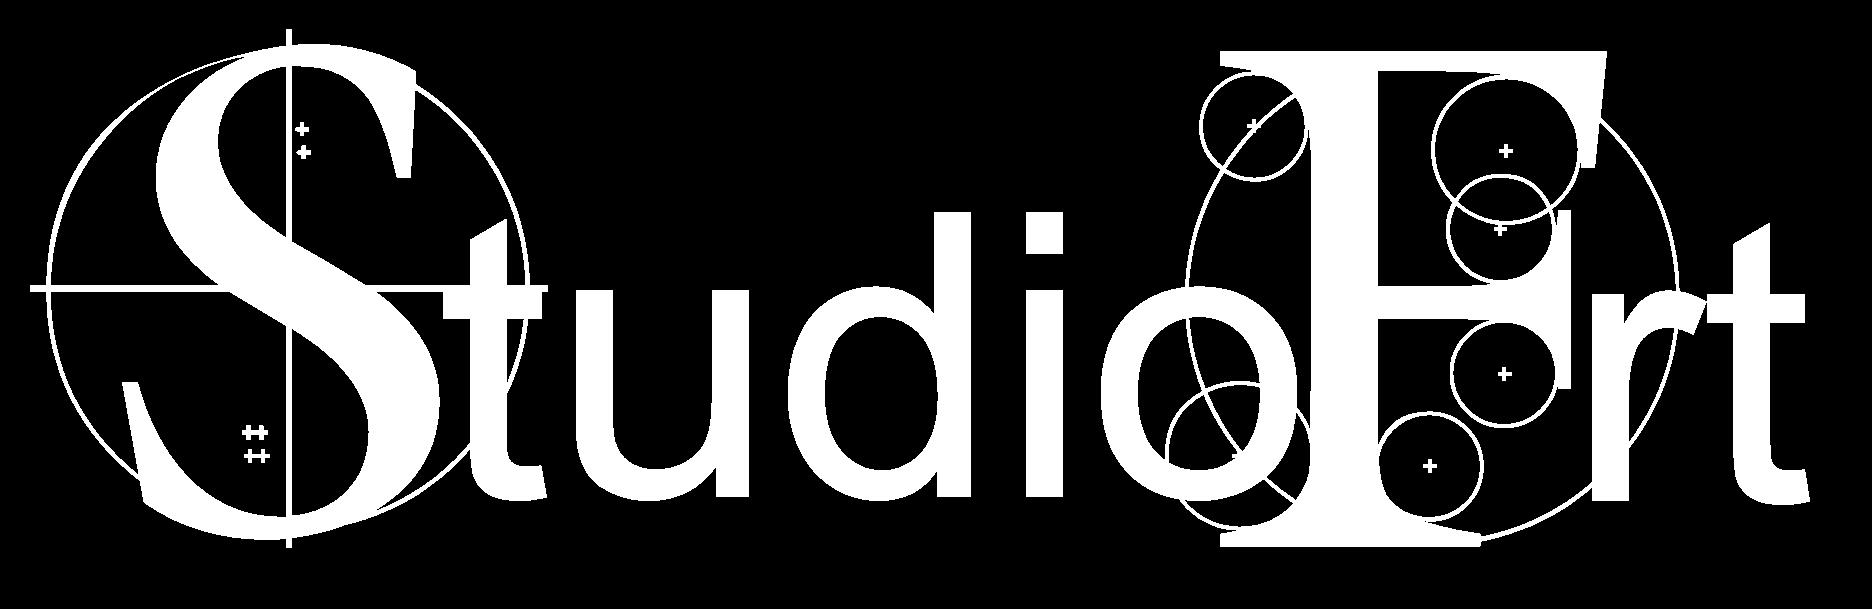 StudioFrt